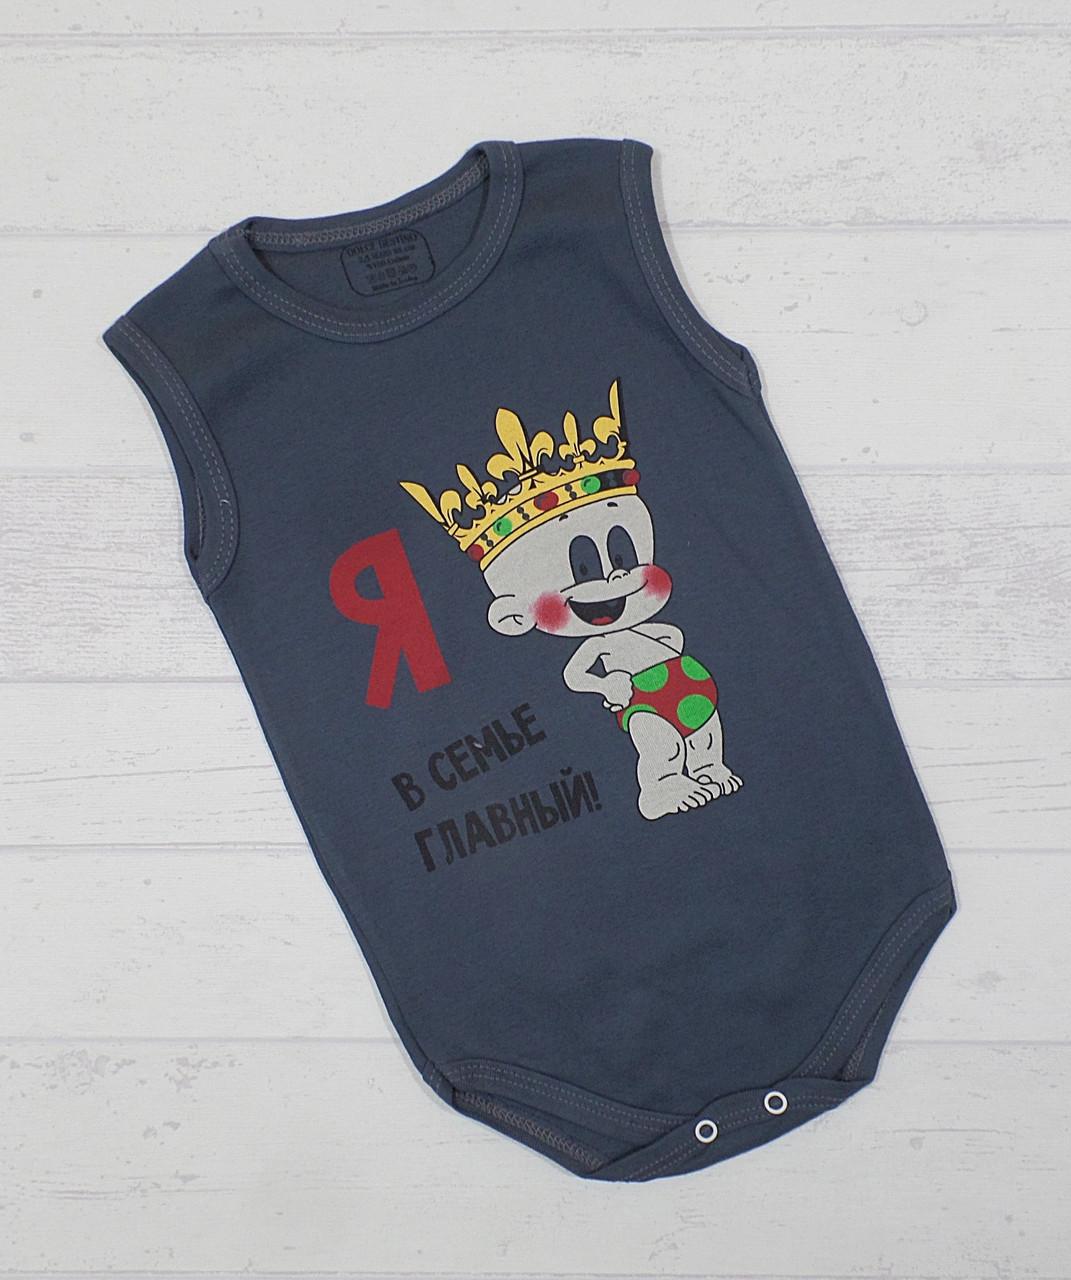 Детский боди для новорожденных 3,6,9,12,15 мес